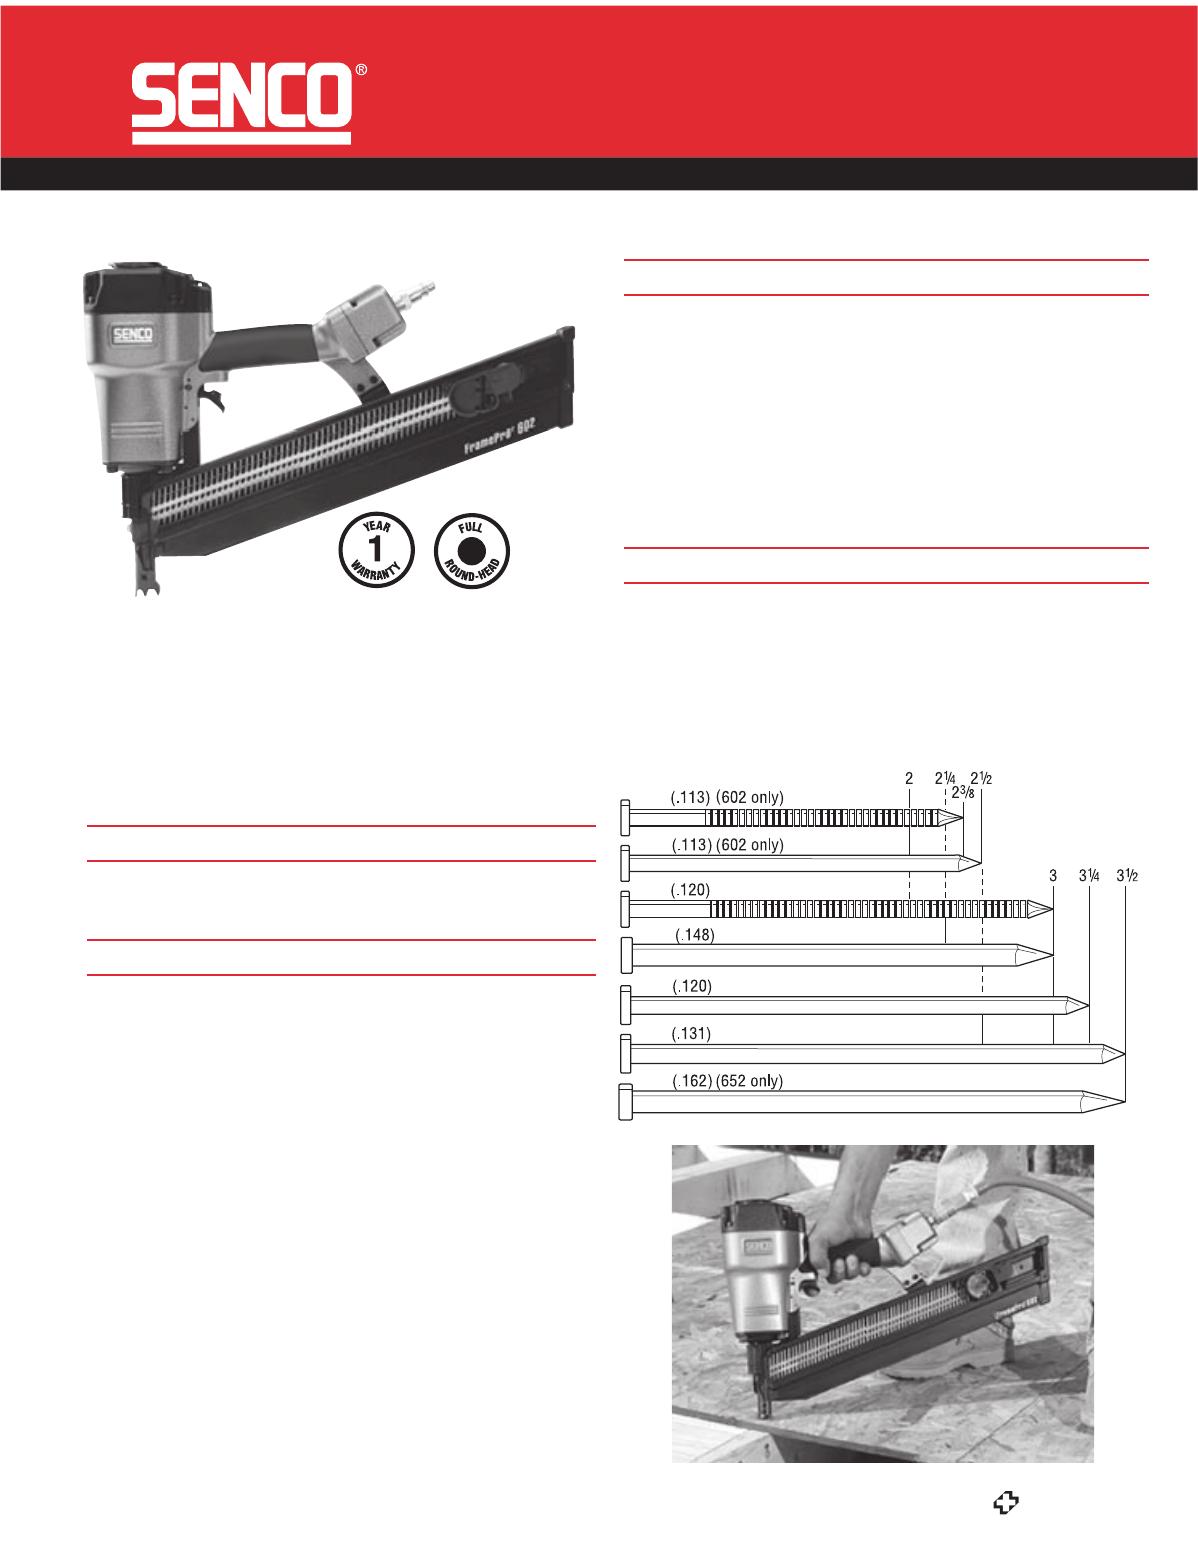 Senco Nail Gun FramePro 652 User Guide   ManualsOnline.com